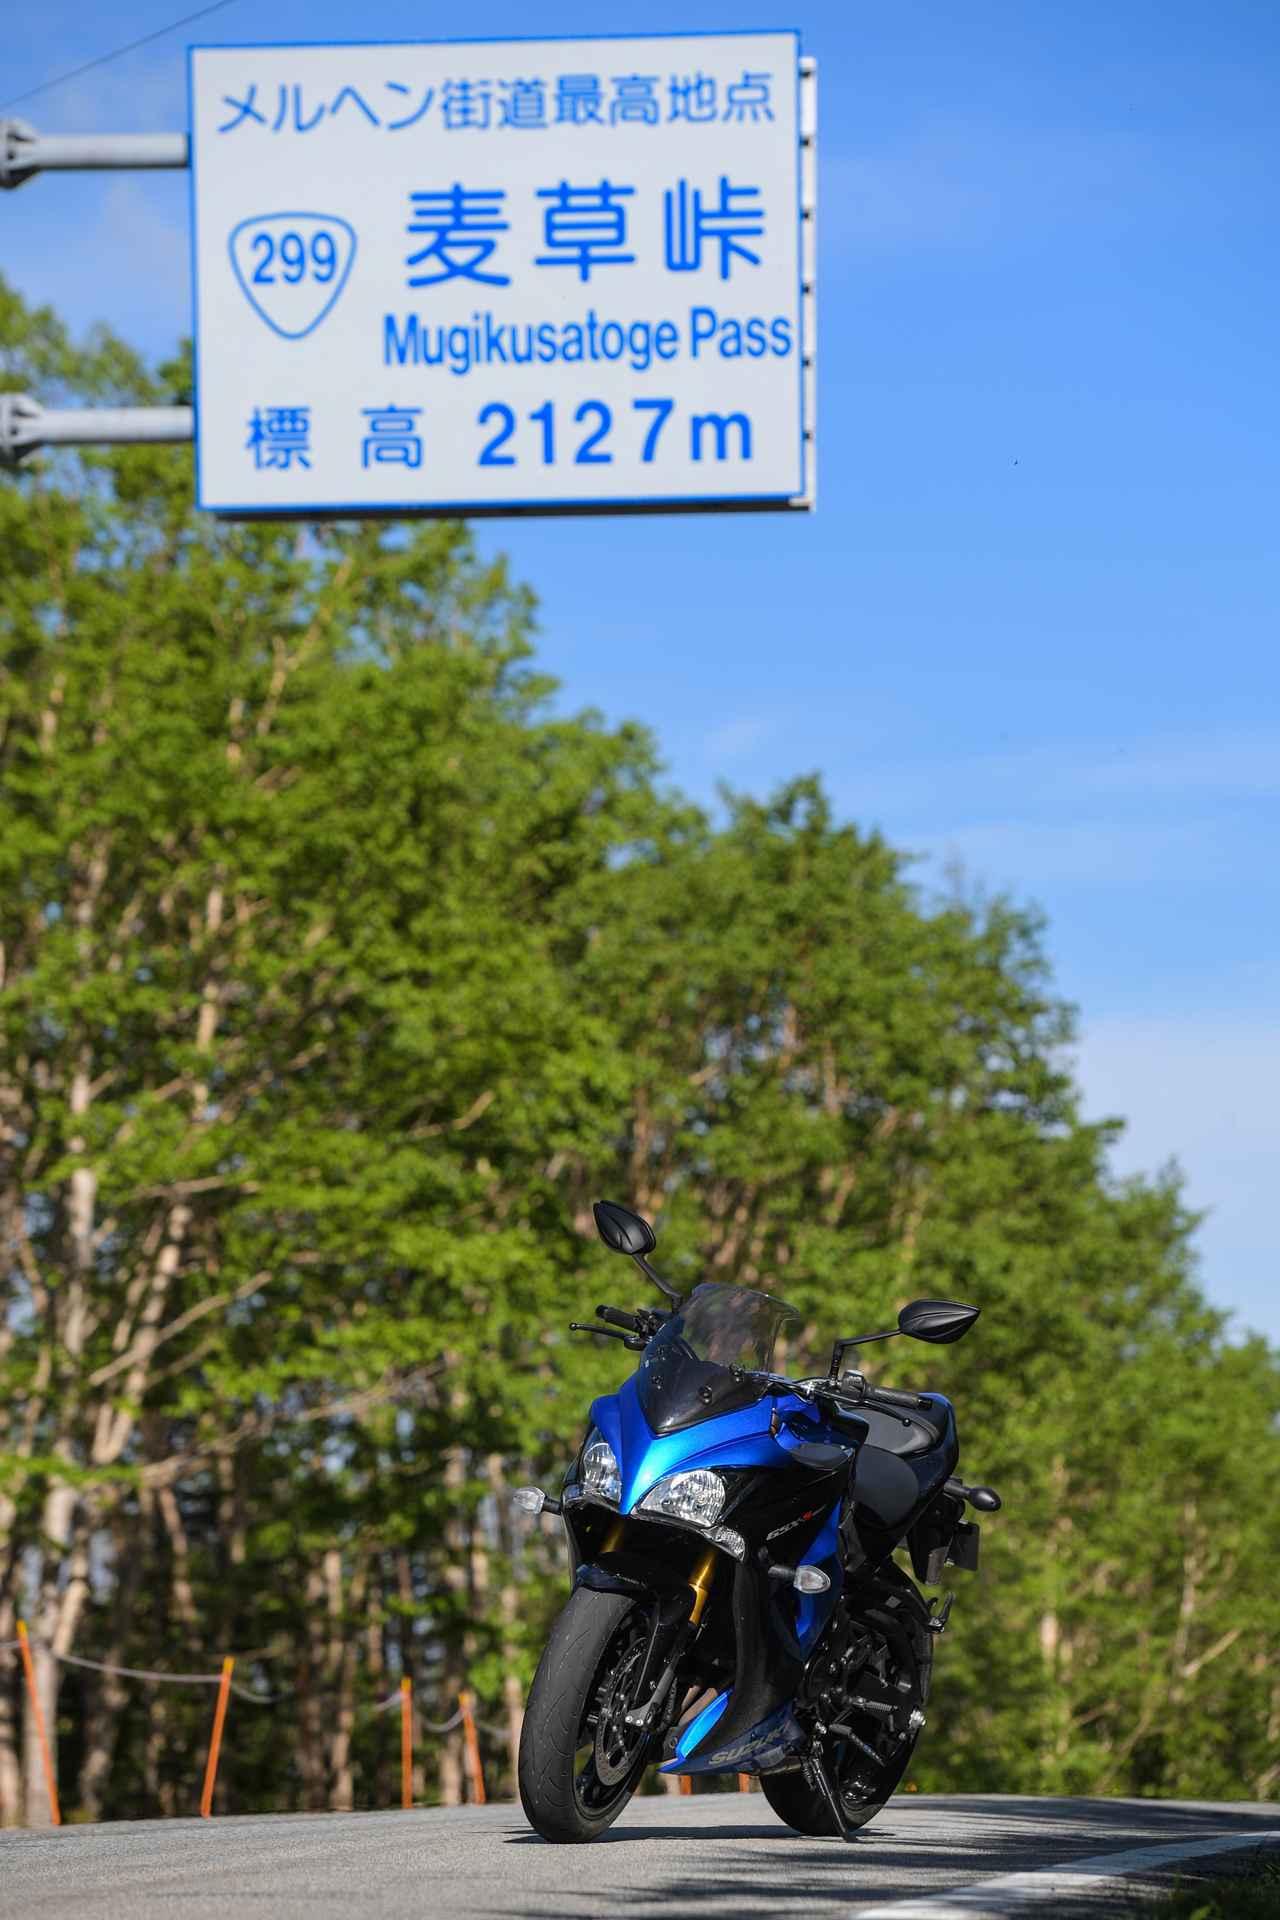 画像: 有名『峠』十番勝負《麦草峠~霧ヶ峰編》連続10峠をスズキのバイクで駆け抜けろ!【SUZUKI/GSX-S1000F】